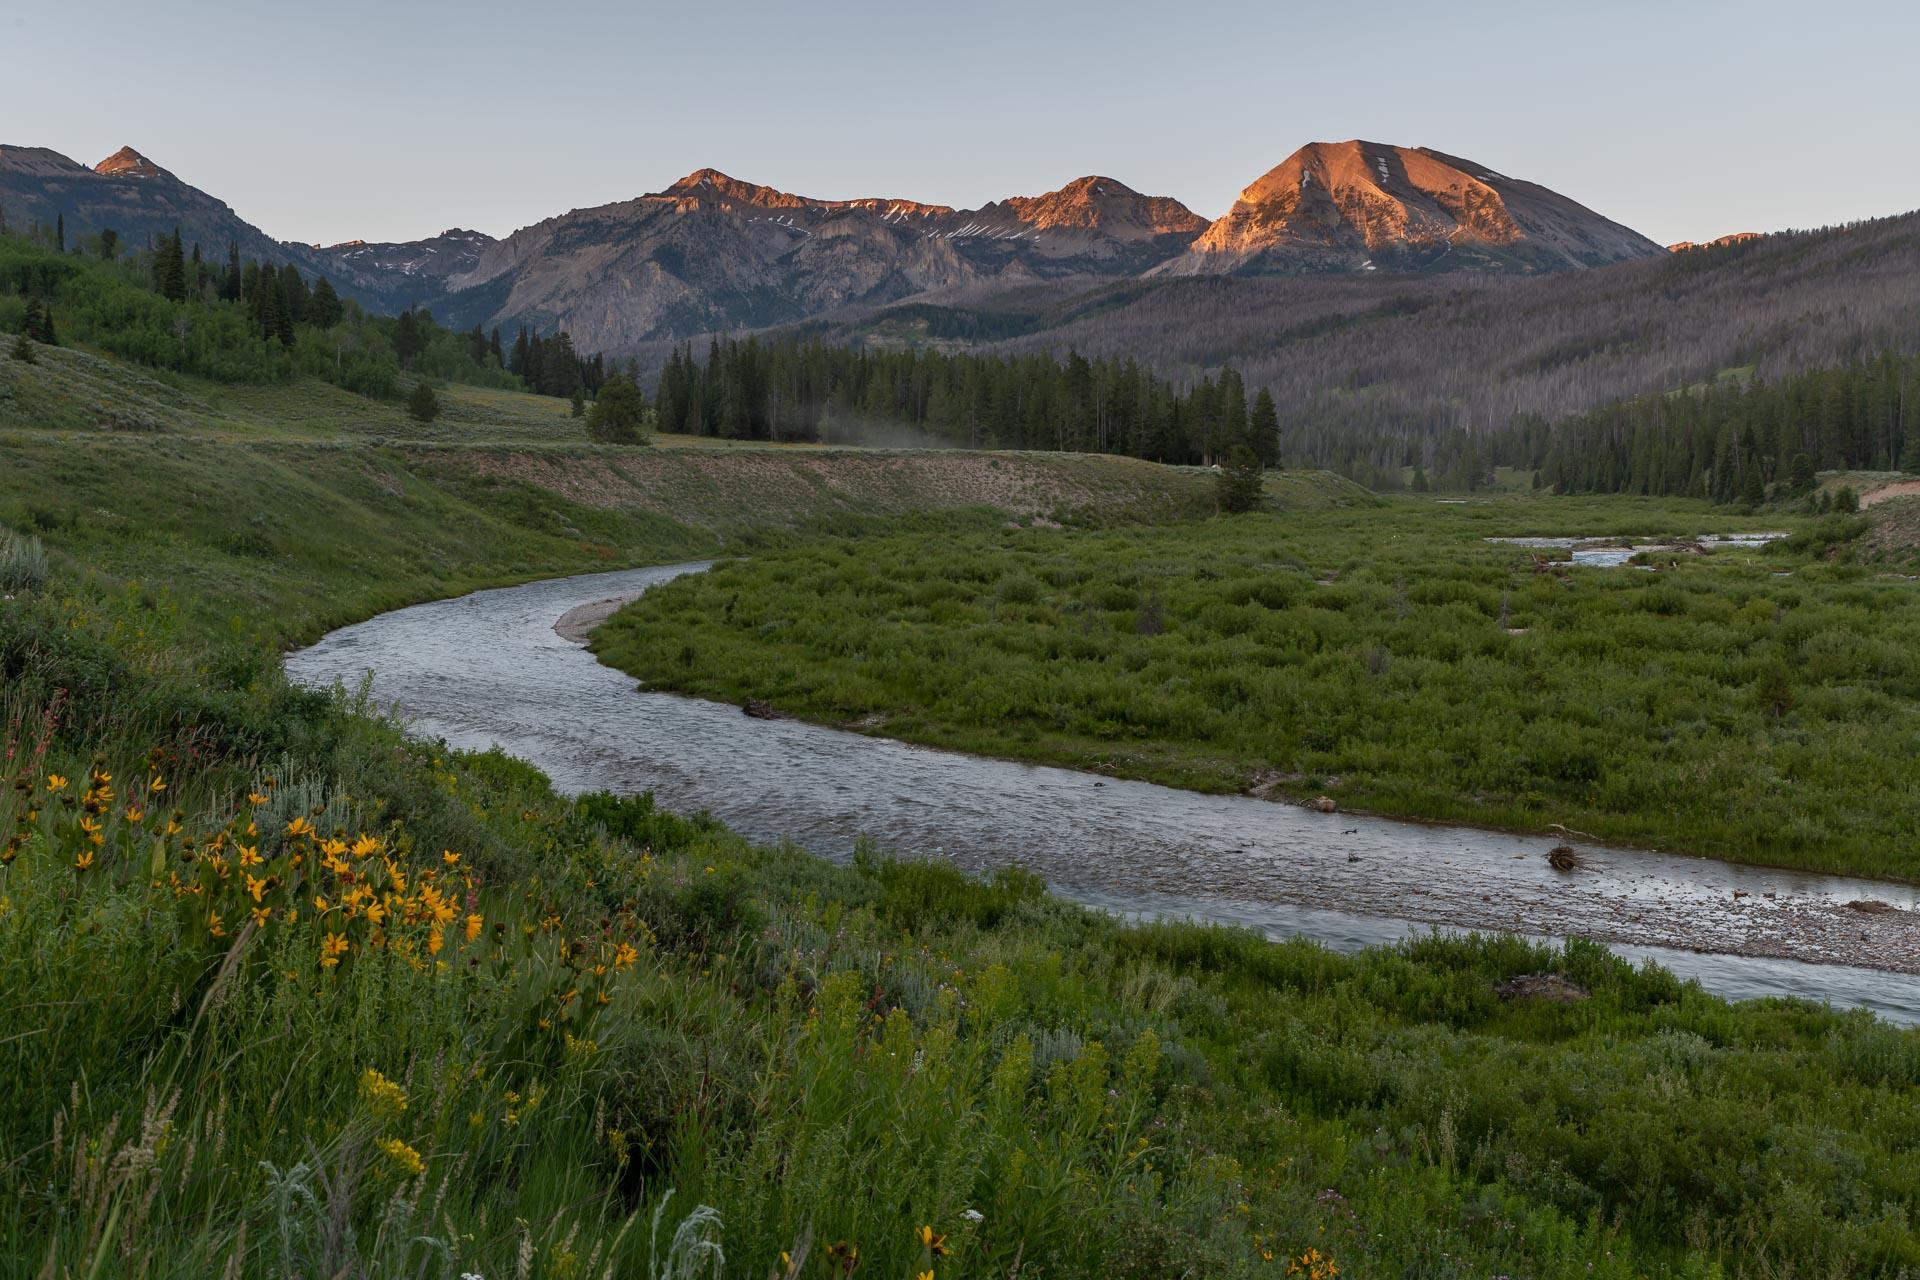 Grantie Creek